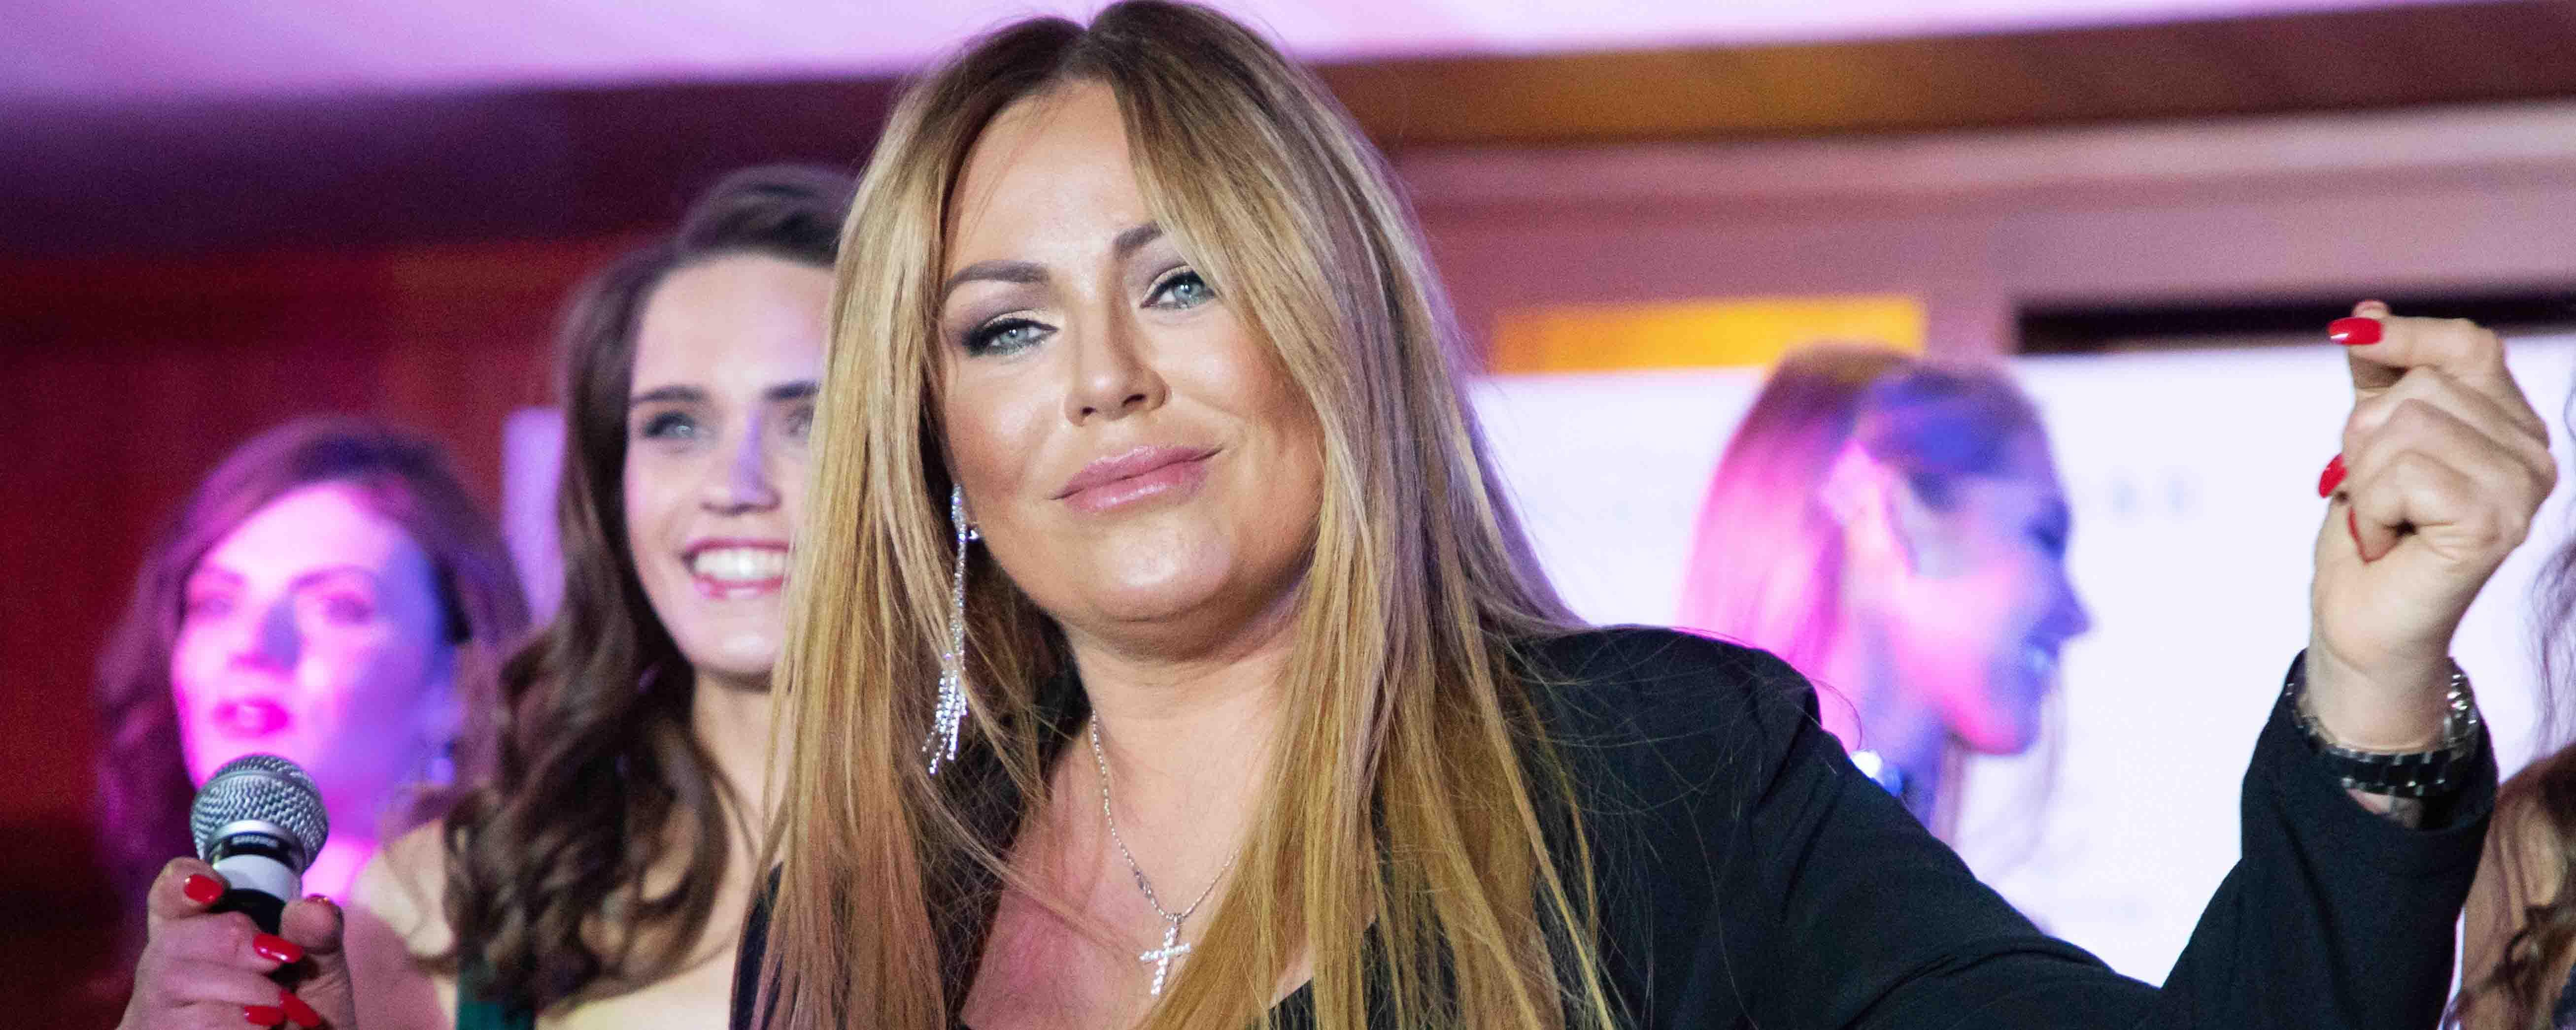 Менеджер Началовой не подтвердила резкое ухудшение состояния певицы